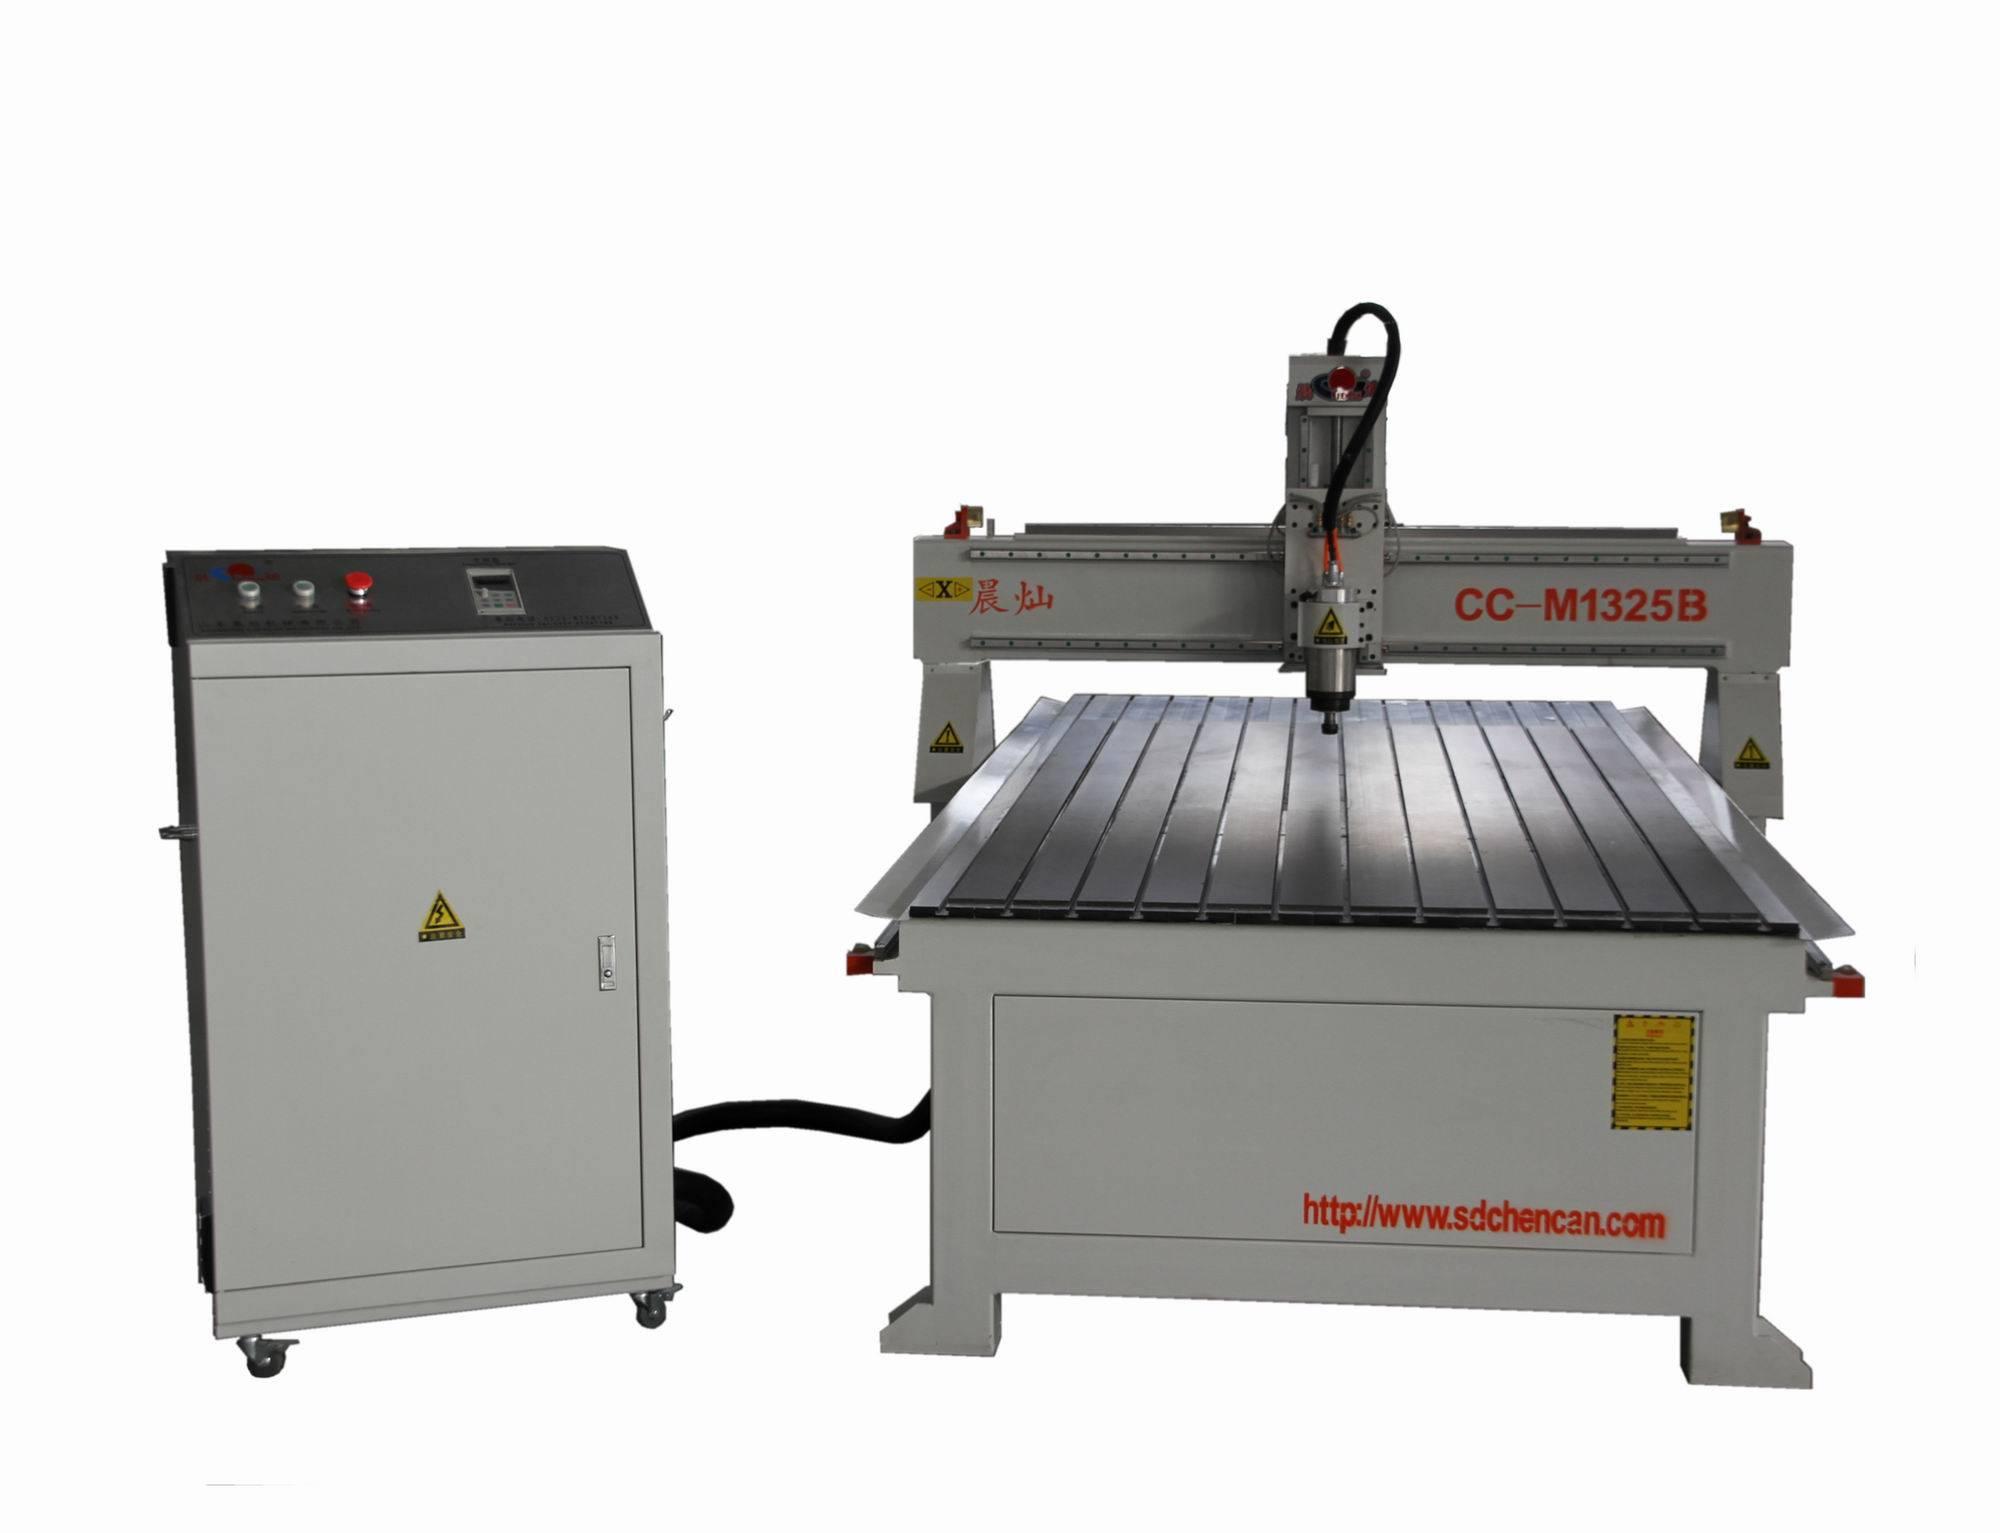 T-SLOT  WOODWORKING CNC ROUTER-CC-M1325B